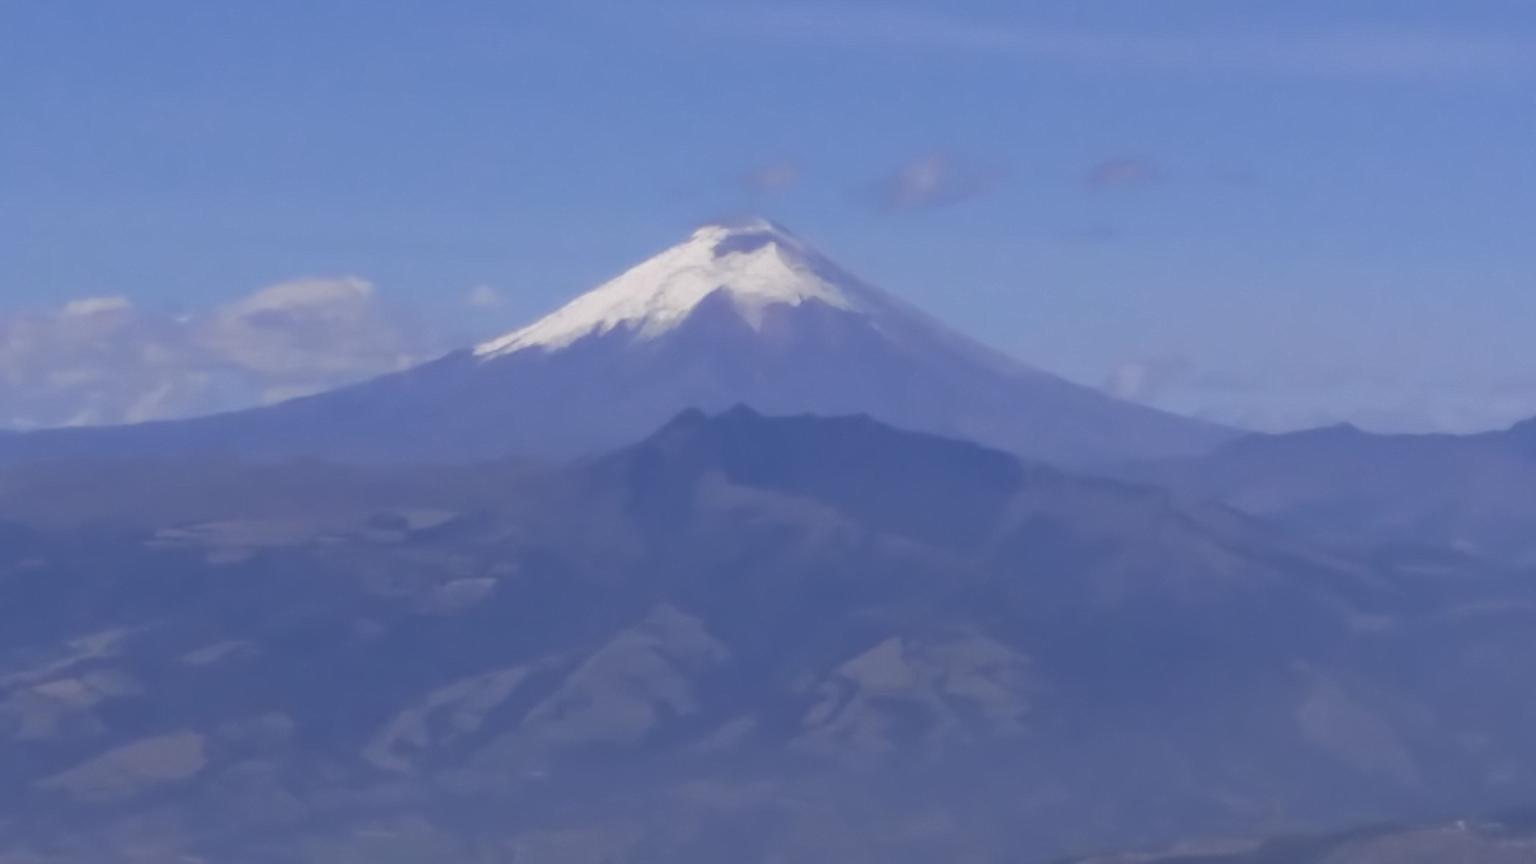 MÁS FOTOS, Excursión a La Mitad del Mundo y el teleférico de Quito